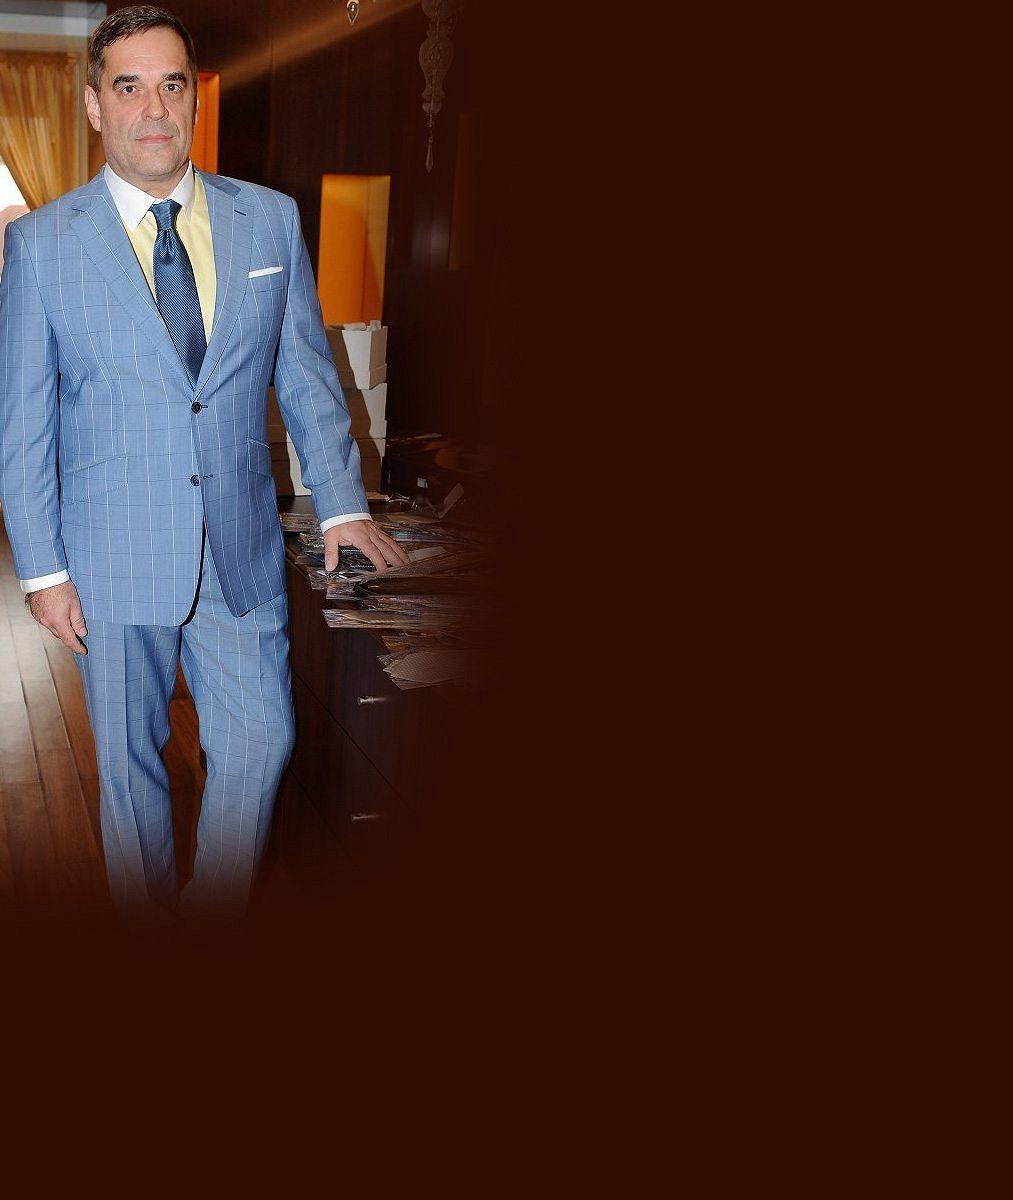 Hvězda Ordinace Miroslav Etzler bude v 53 letech opět otcem. Jeho partnerka je v 5. měsíci